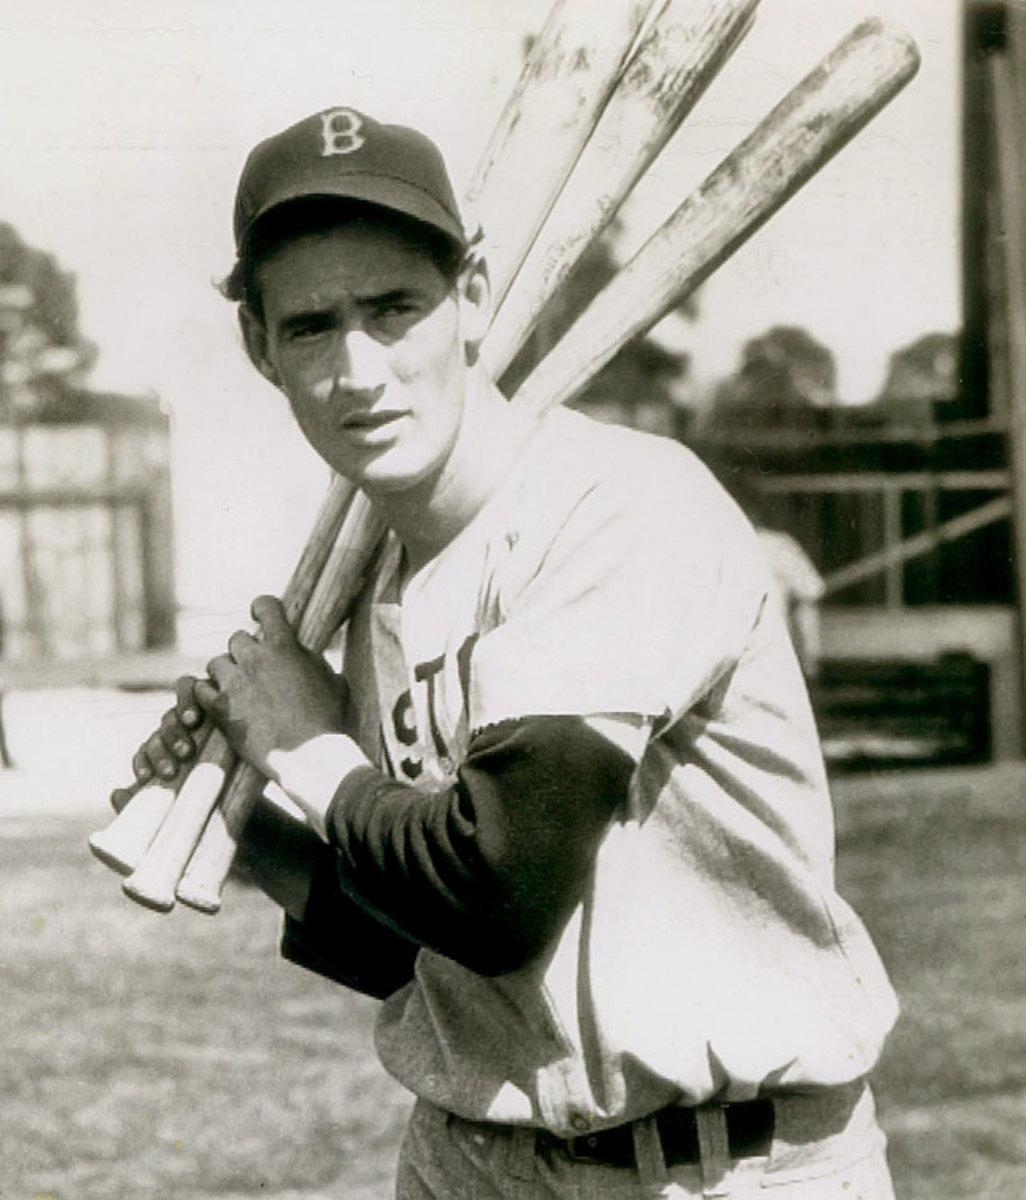 Ted Williams - 1942 & '47 AL